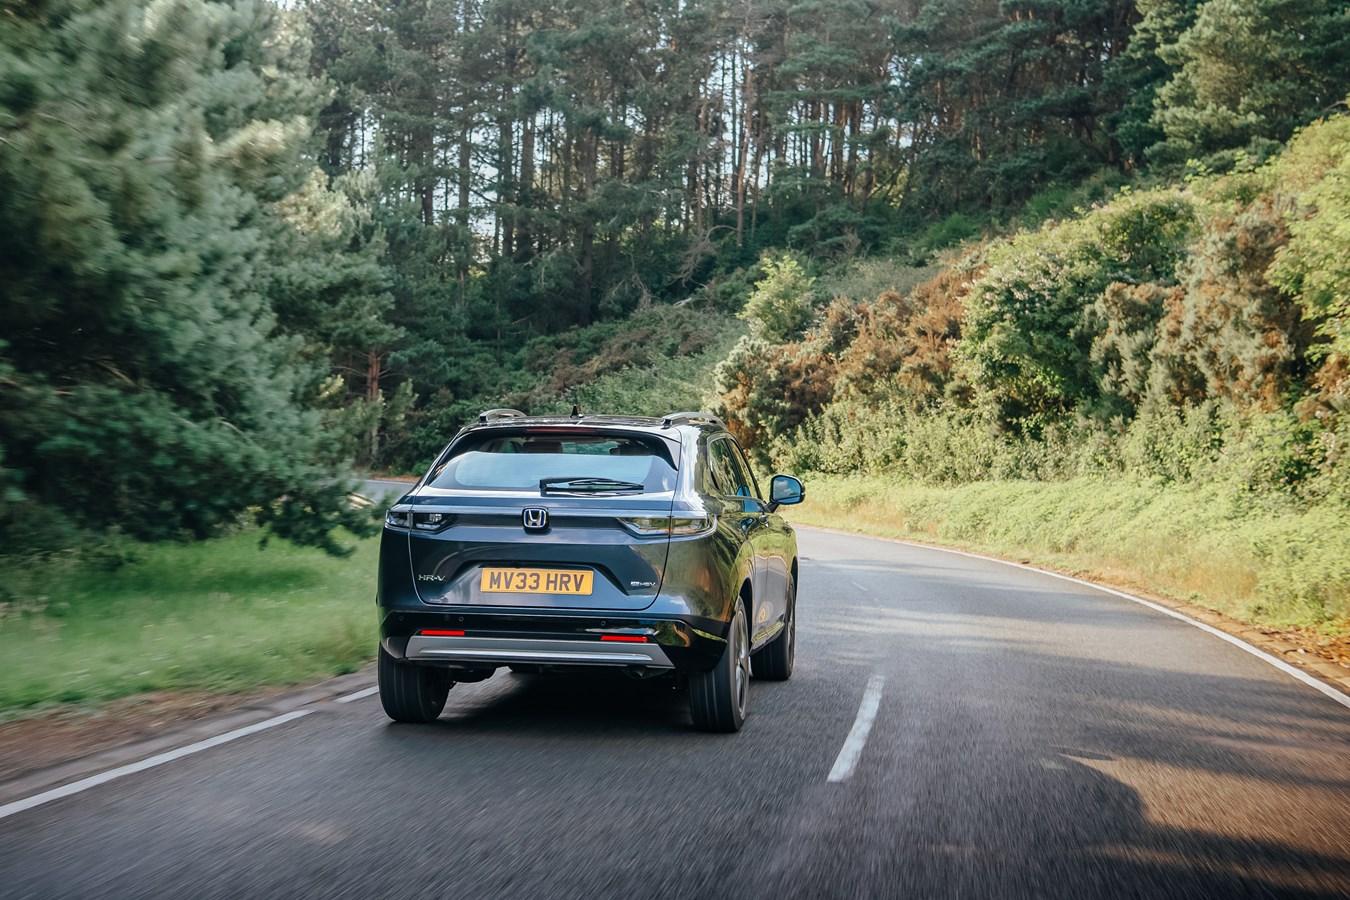 A tecnologia e:HEV do Novo Honda HR-V oferece uma combinação perfeita de eficiência e desempenho 14